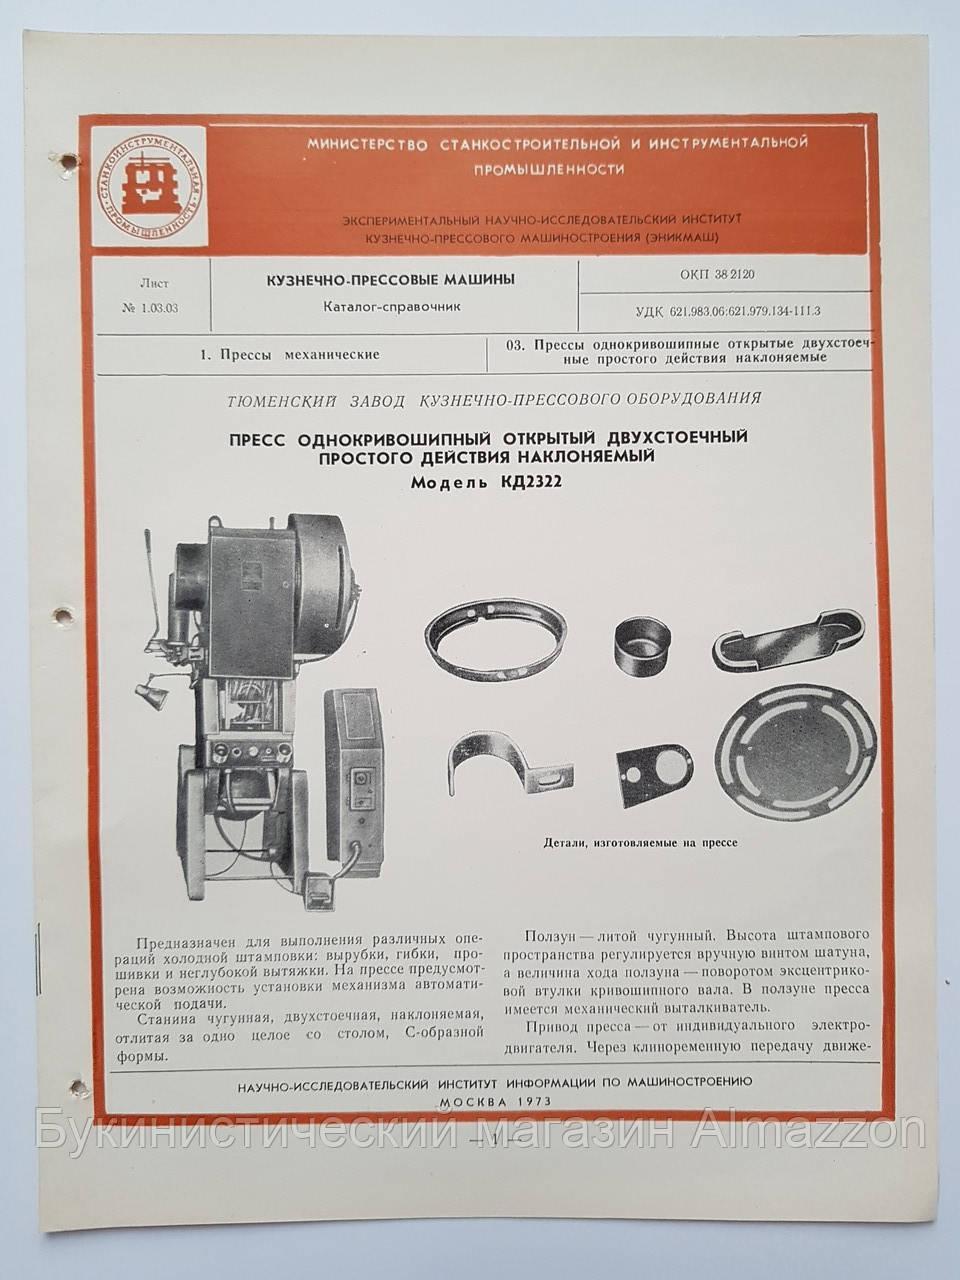 Журнал (Бюллетень) Пресс однокривошипный открытый двухстоечный простого действия наклоняемый КД2322  1.03.03